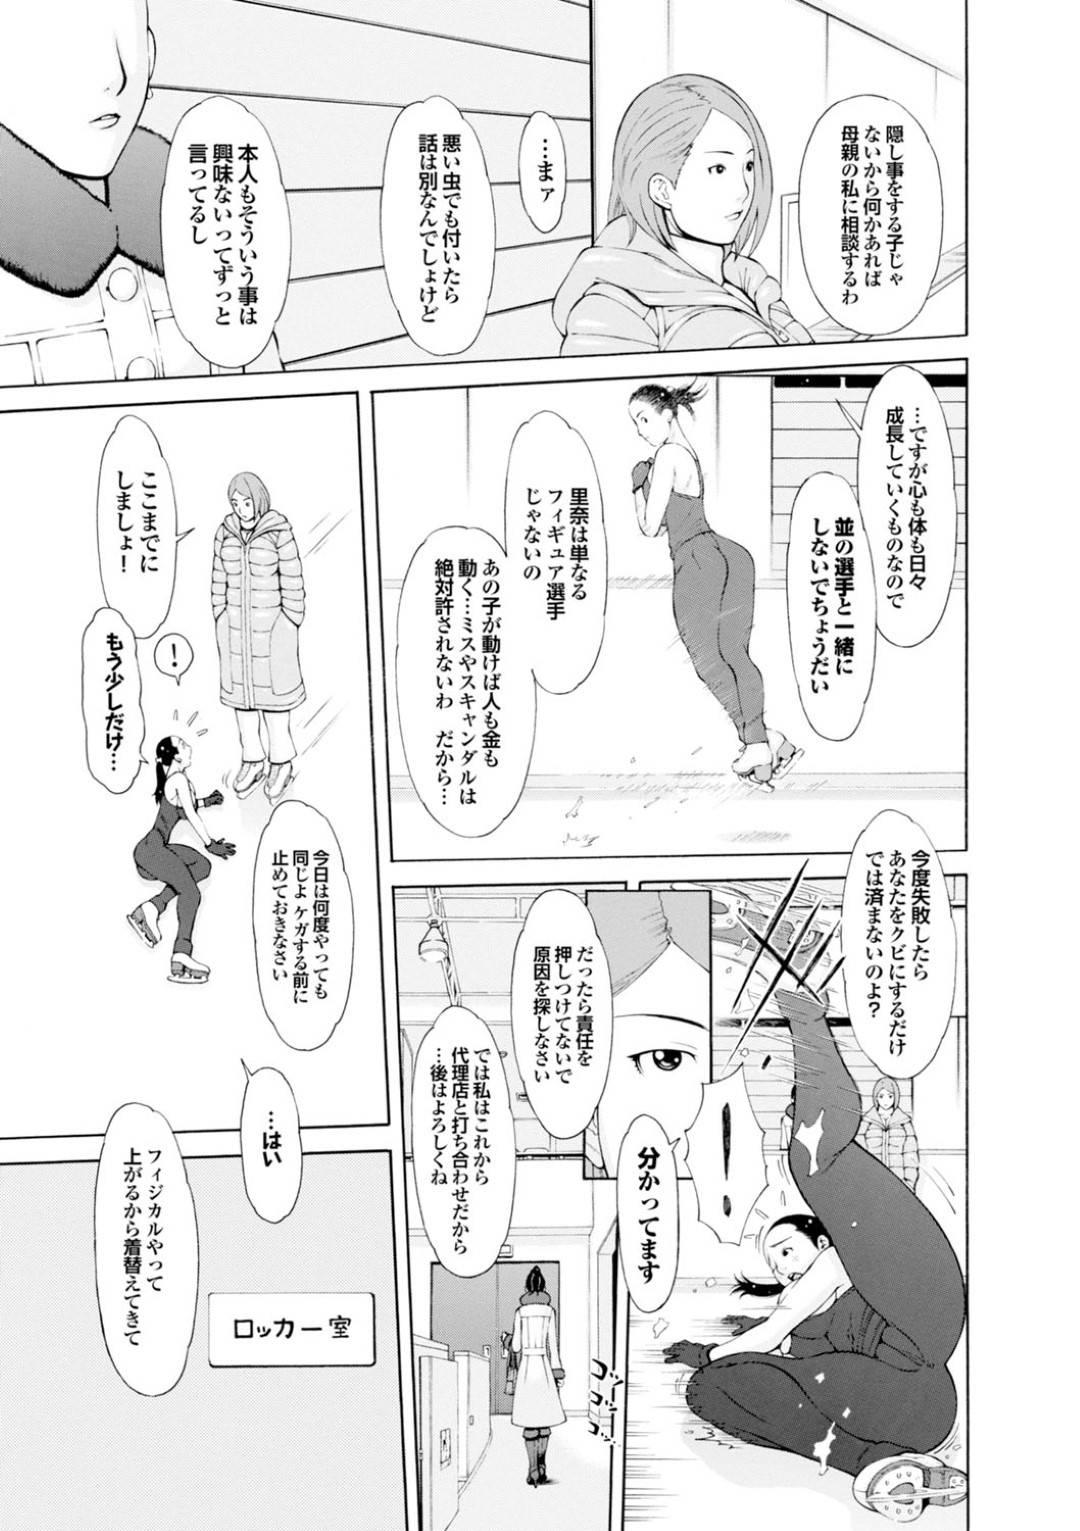 【エロ漫画】大会で優勝したら彼氏と初セックスする約束をしているJK彼女…前の大会で失敗してしまったため口でご奉仕する!【鉄歩】